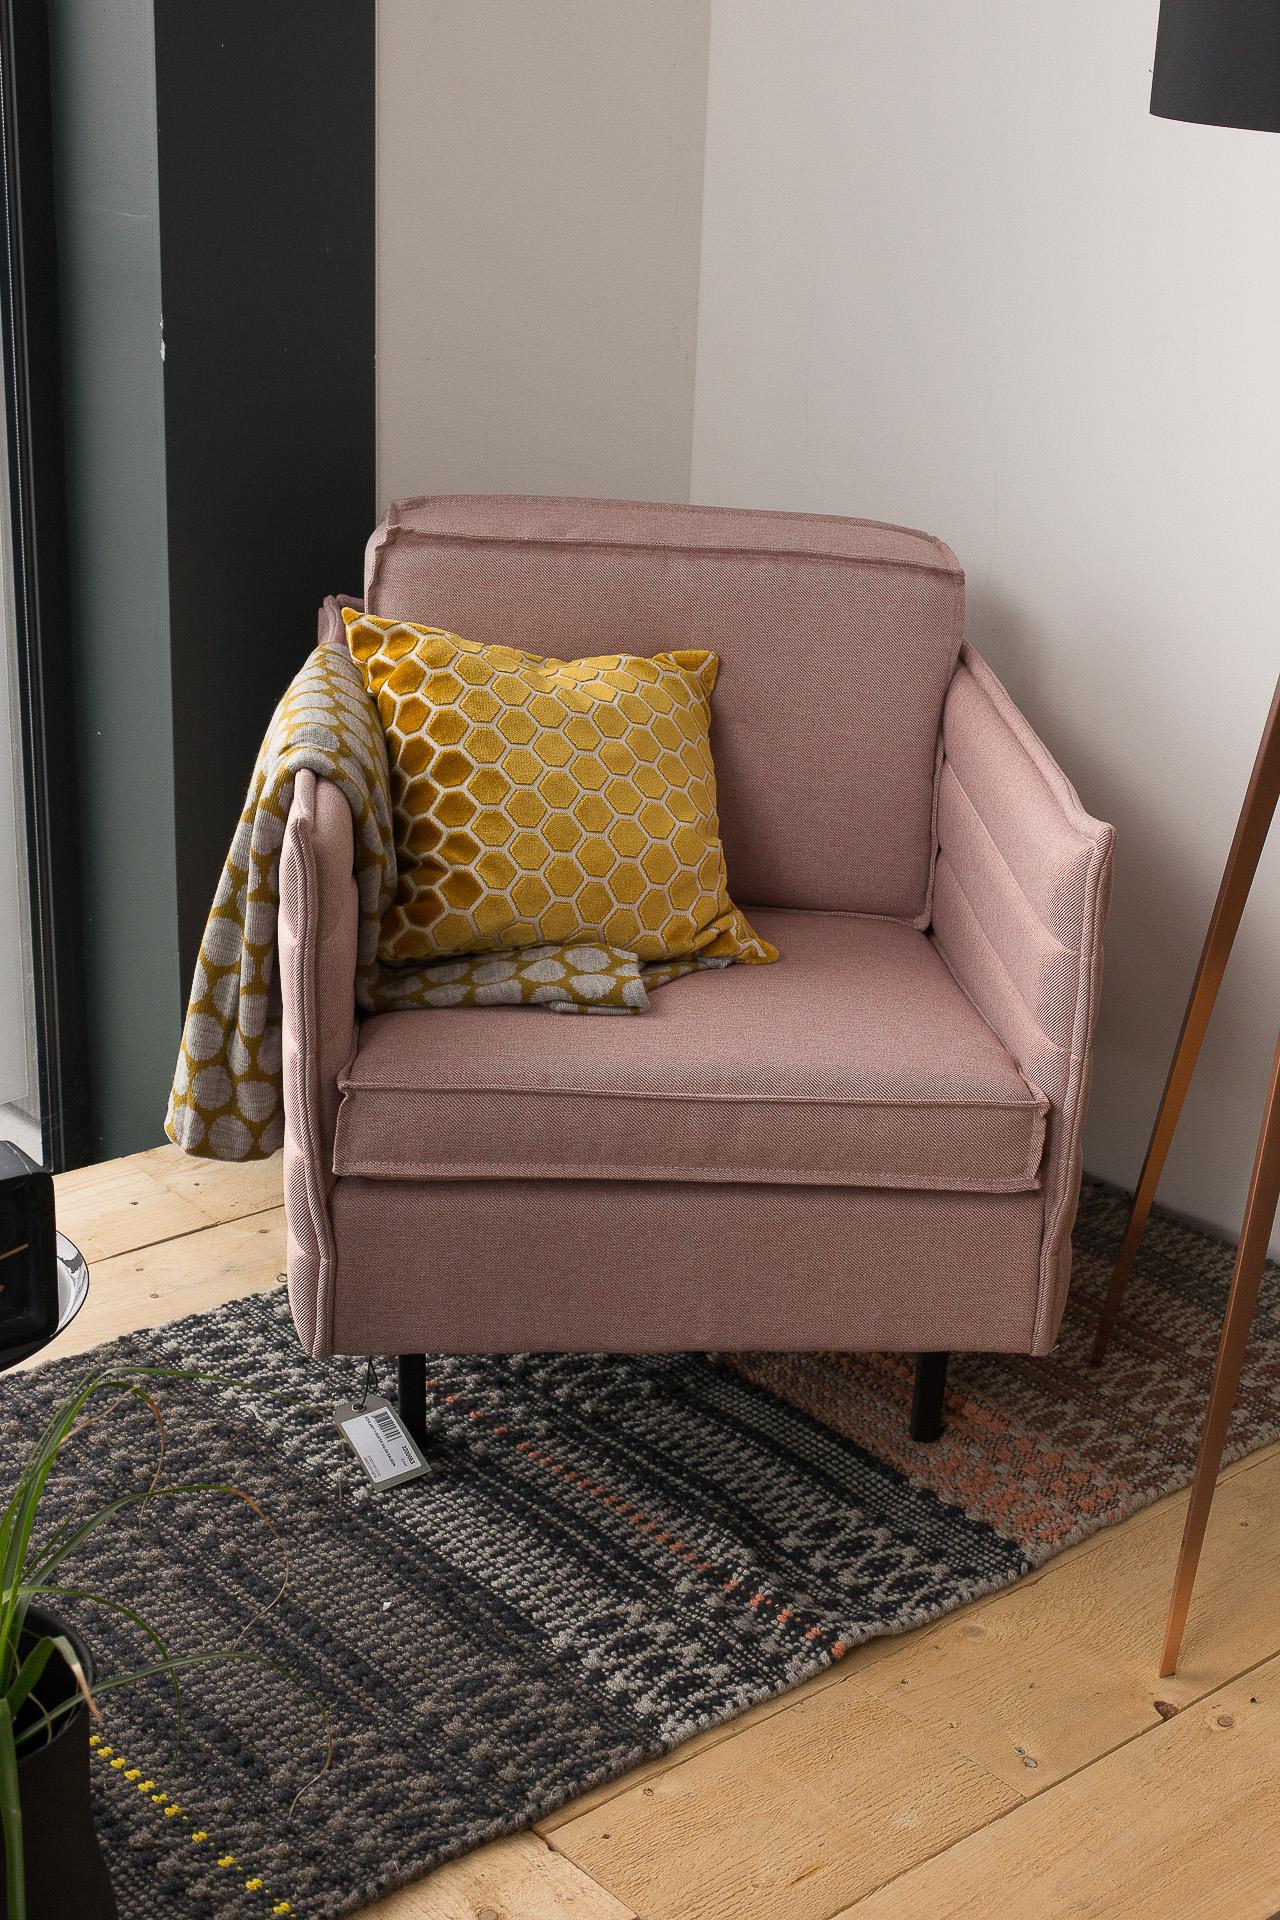 Inneneinrichtung Heidelberg, Mannheim, Stuttgart - Gaffga Interieur Design - Moebel von Zuiver, schmaler rosa Sessel